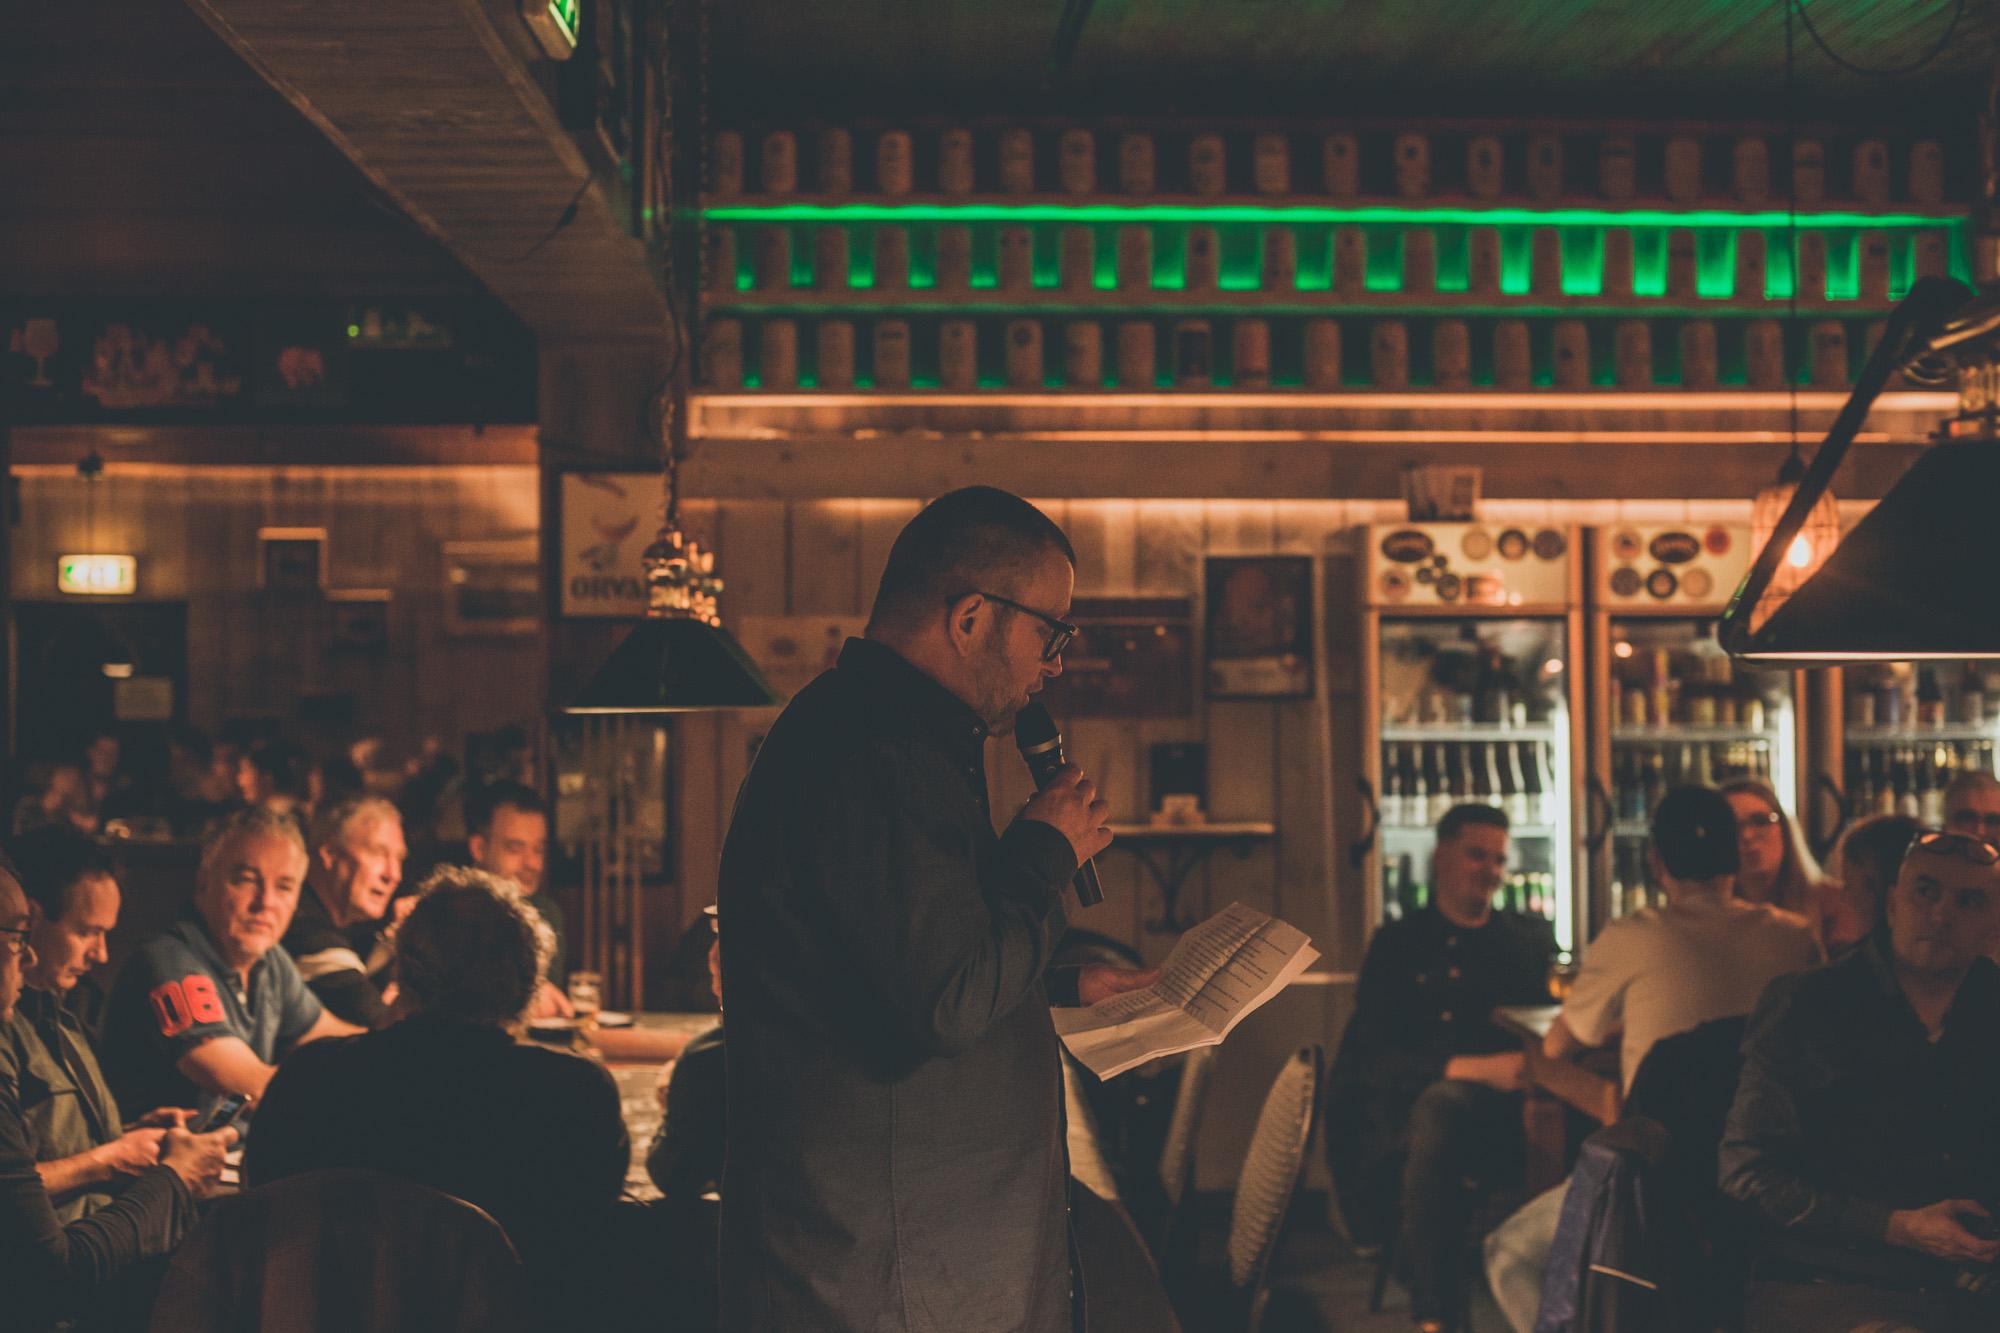 Speciaalbier Cafe Piet Huisman - Pubquiz